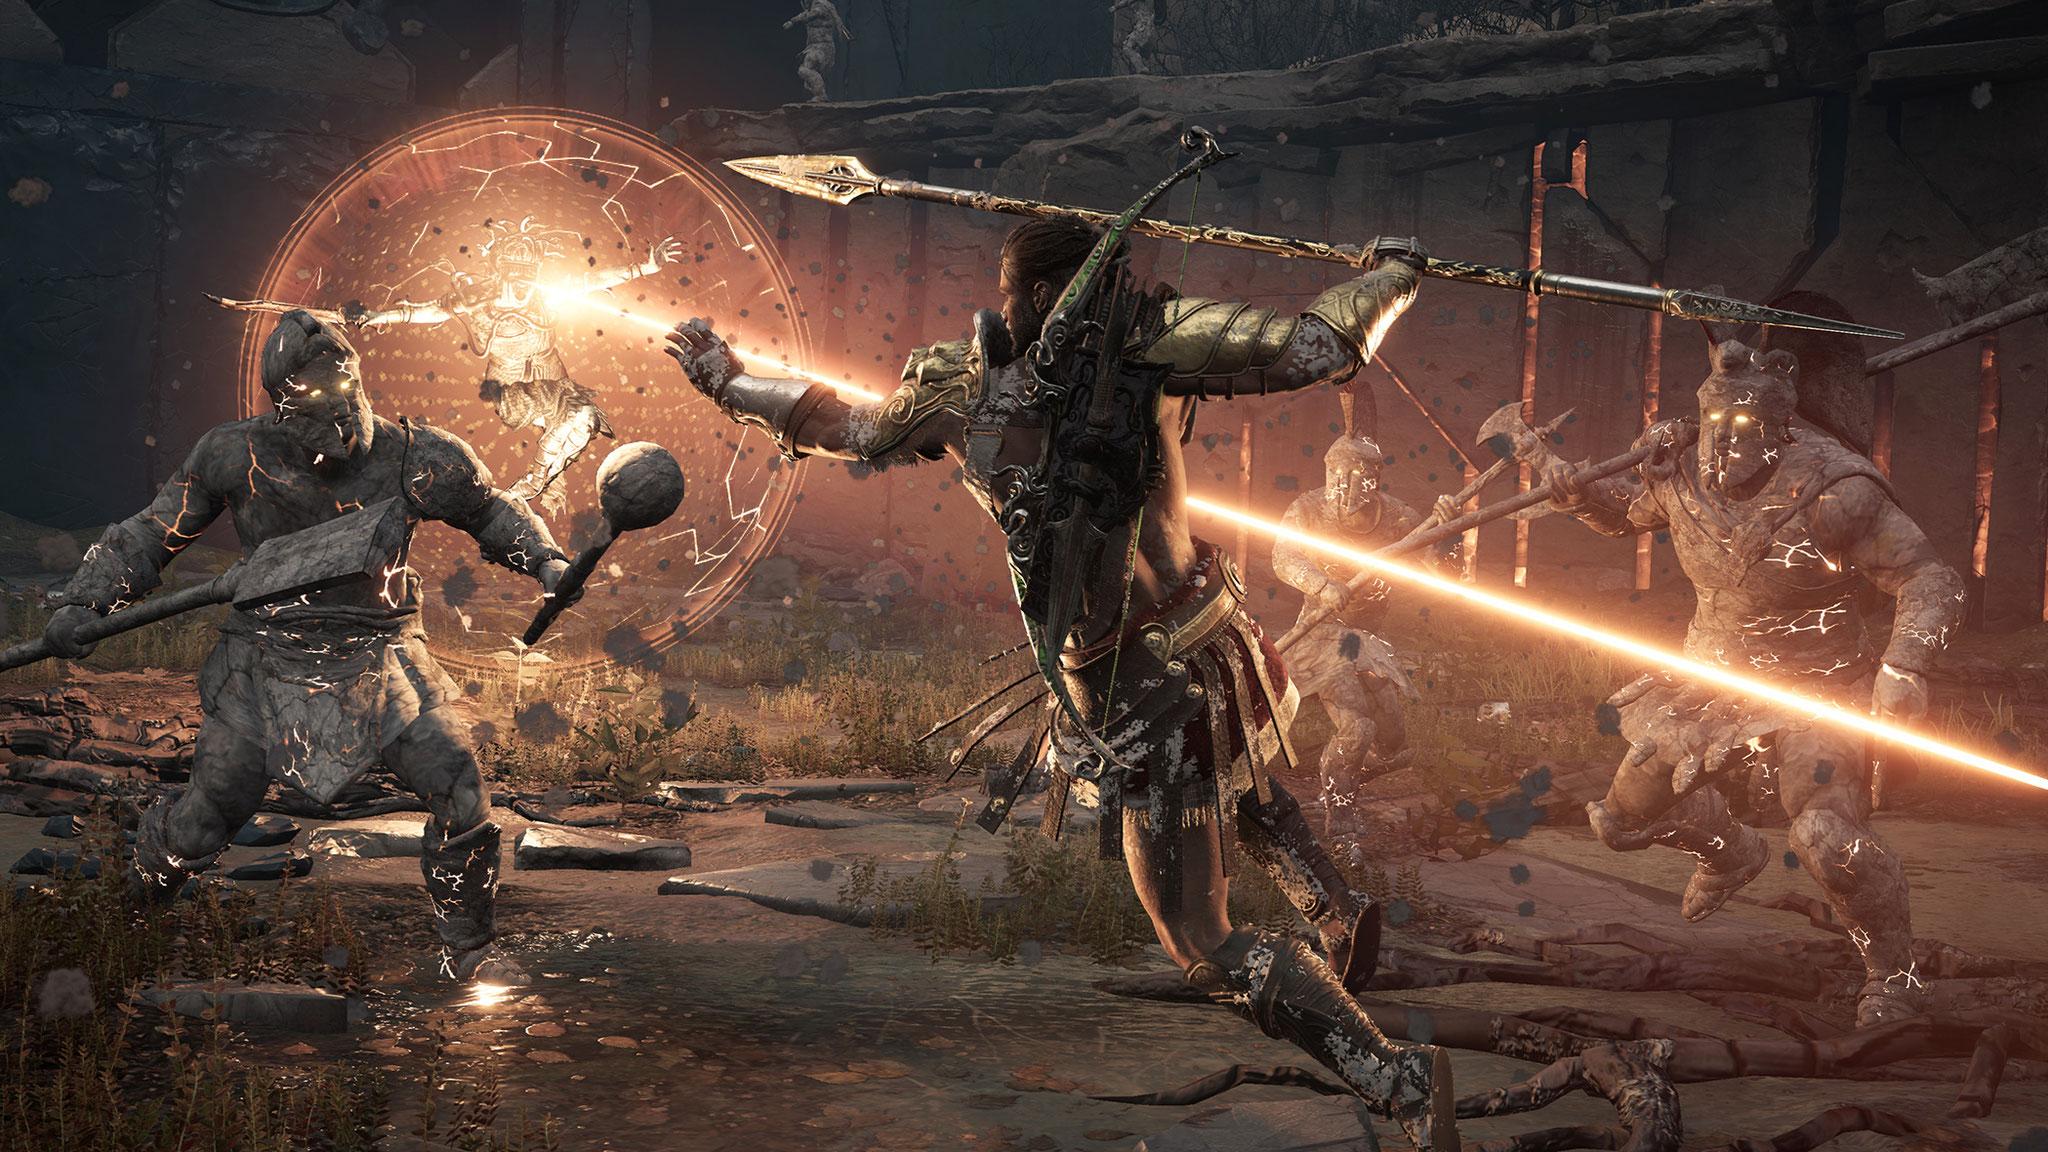 """Auch """"Odyssey"""" spielt mit mythologischen Motiven, aber die haben ihren Ursprung nicht in Göttern, sondern vorsintflutlicher Hoch-Technologie."""